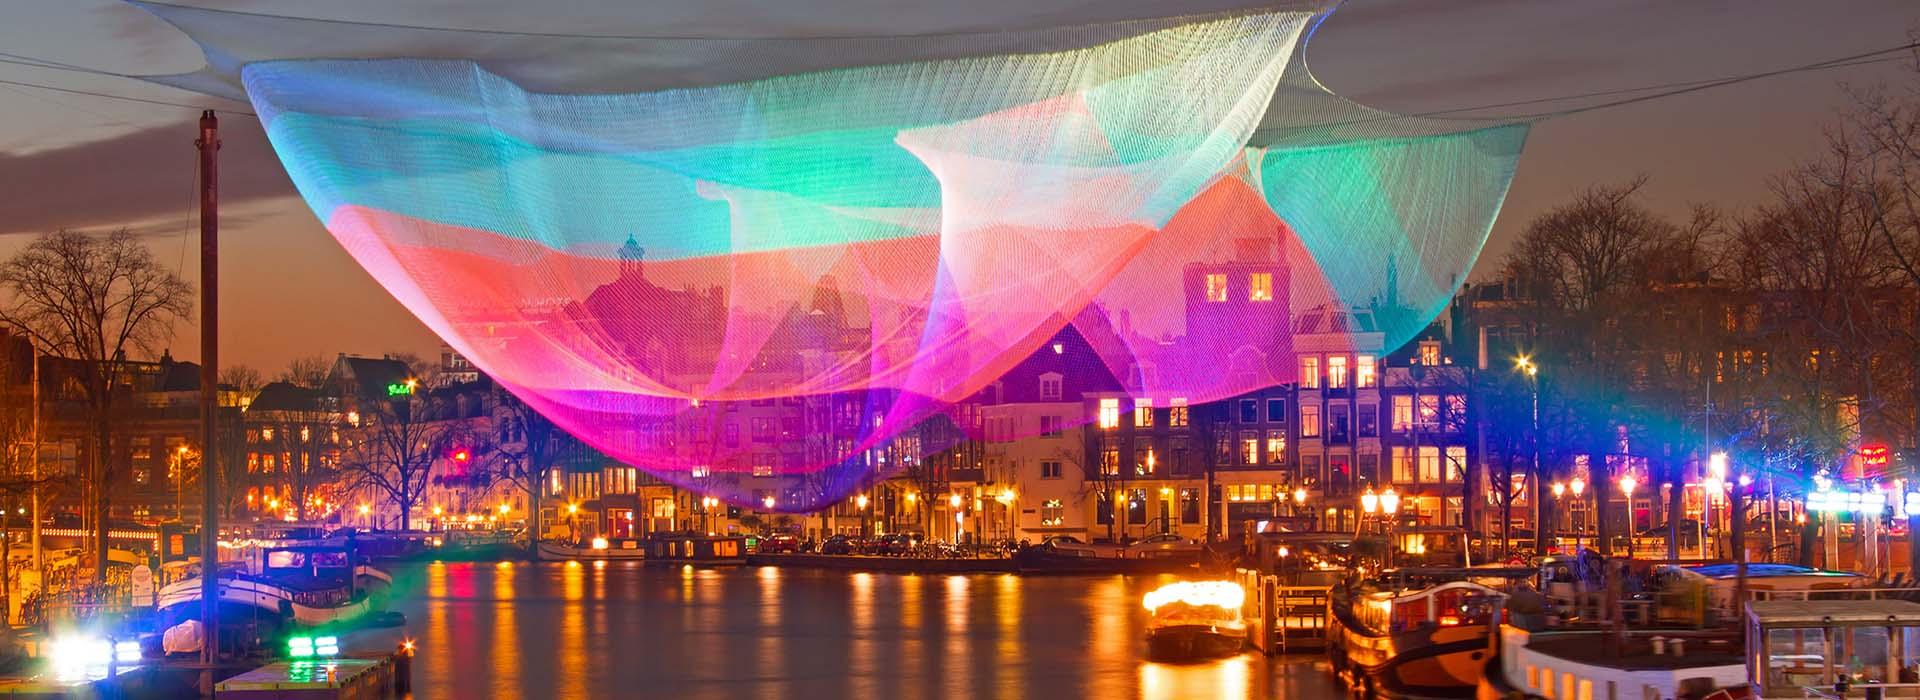 Avrupa'nın En İyi Kış Festivalleri - Amsterdam